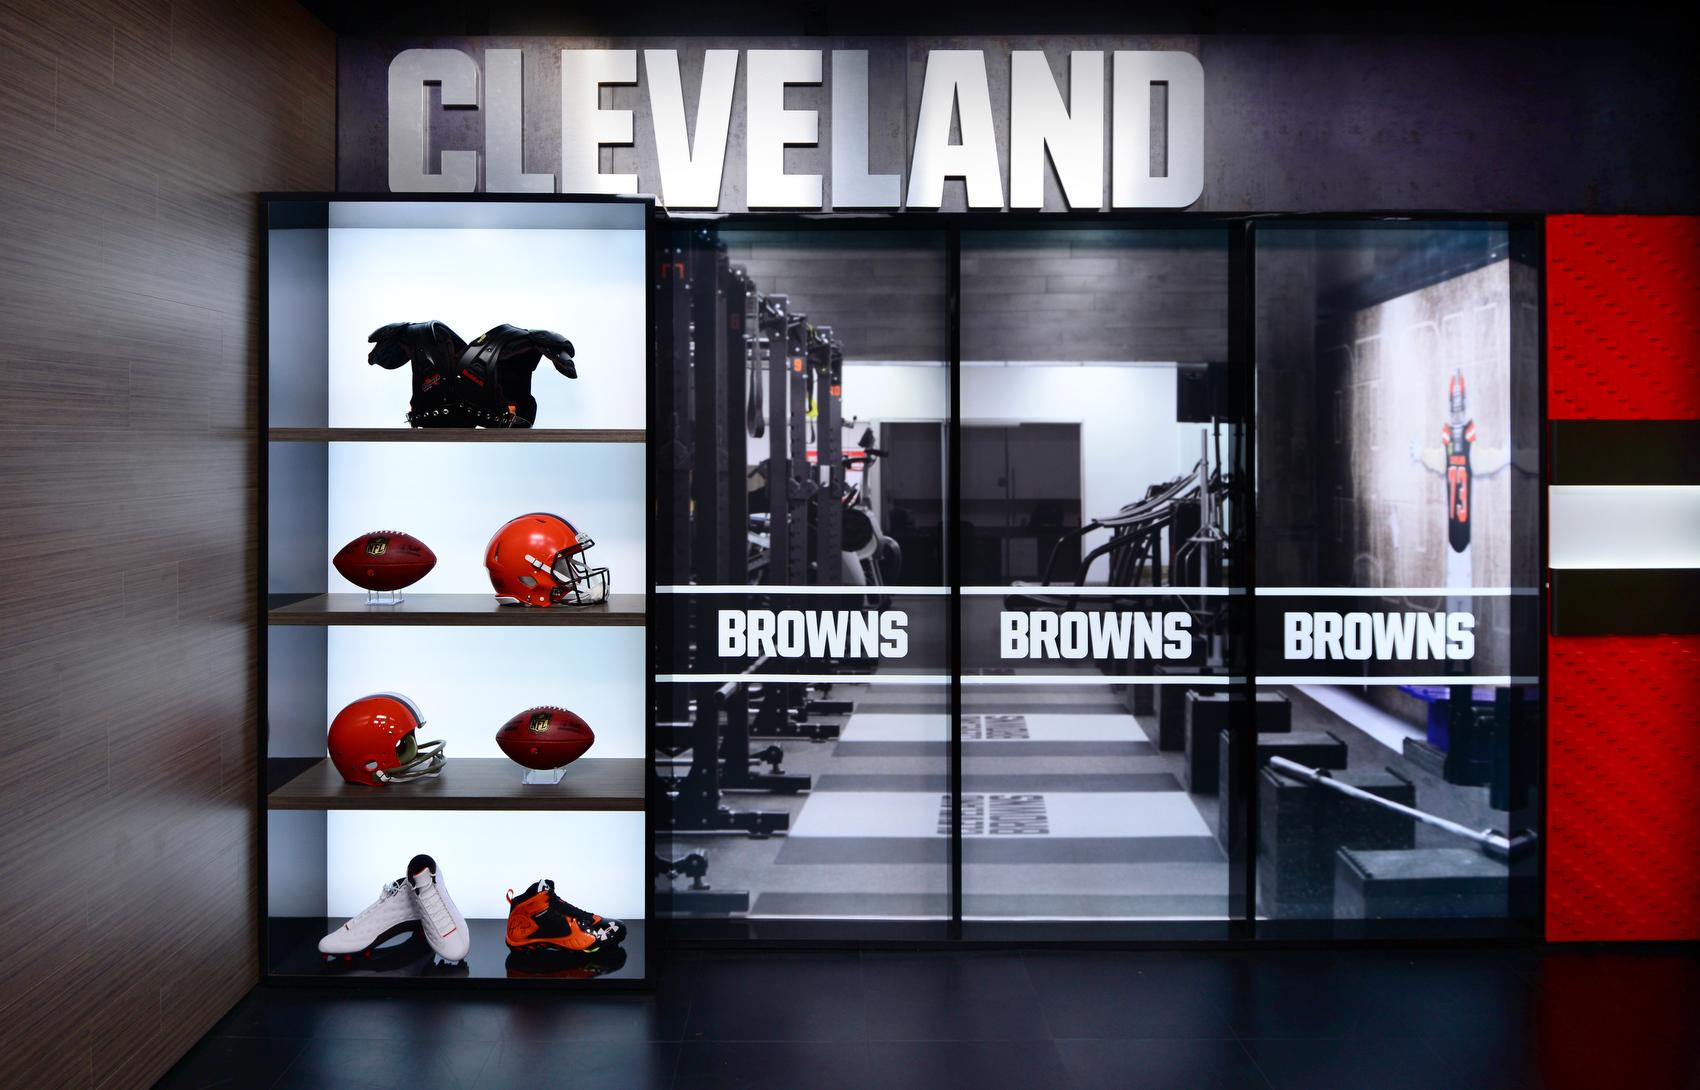 NCS_NFL_Cleveland-Browns_TV-Studio_0005